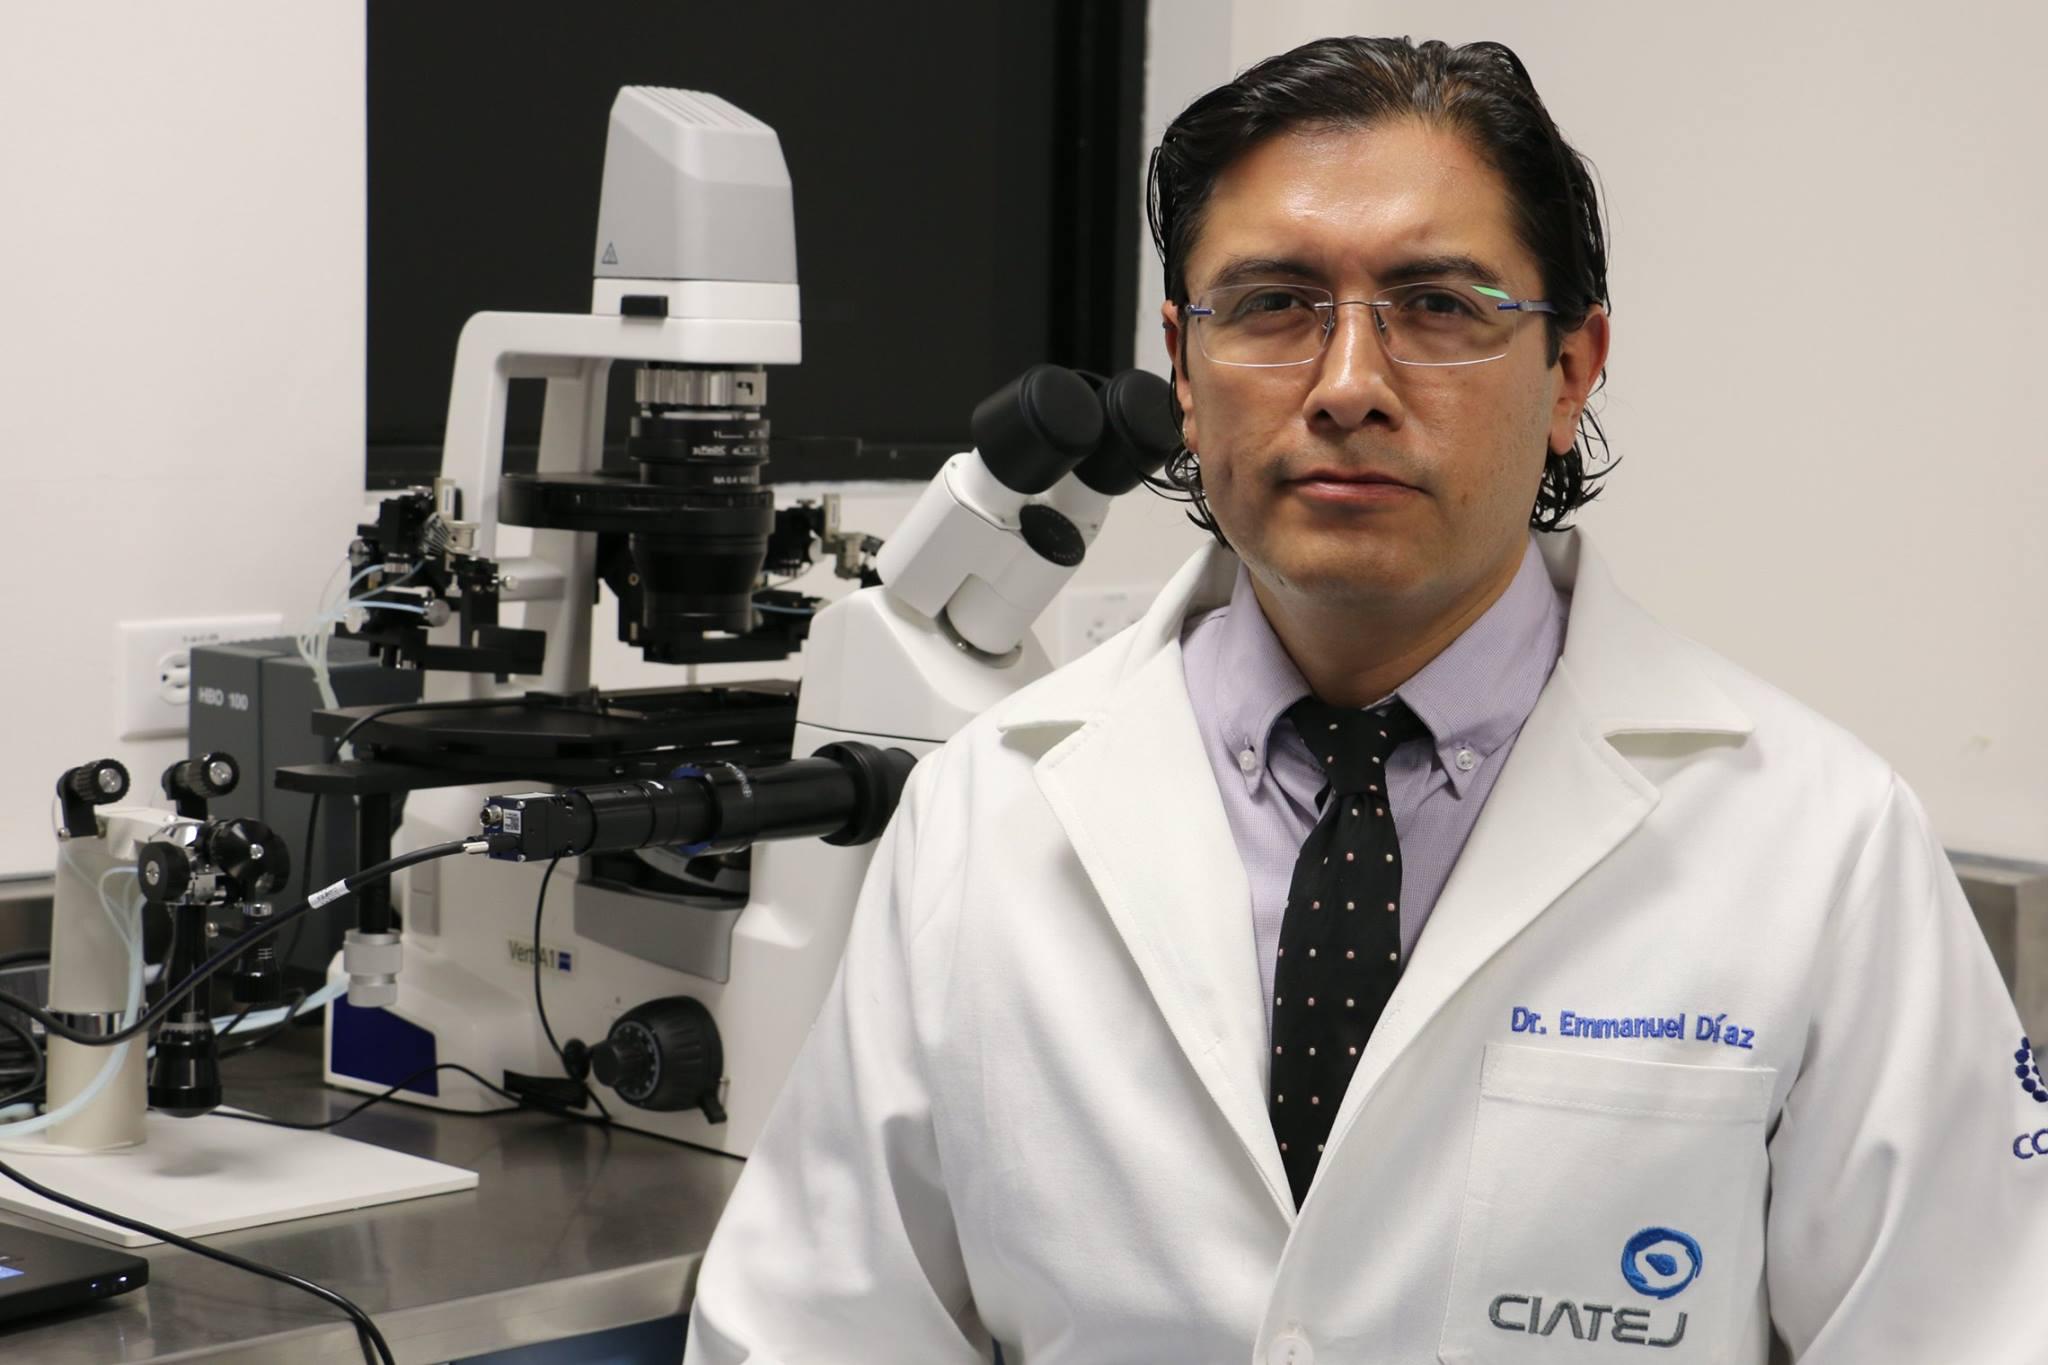 Dr. Néstor Emmanuel Díaz Martínez